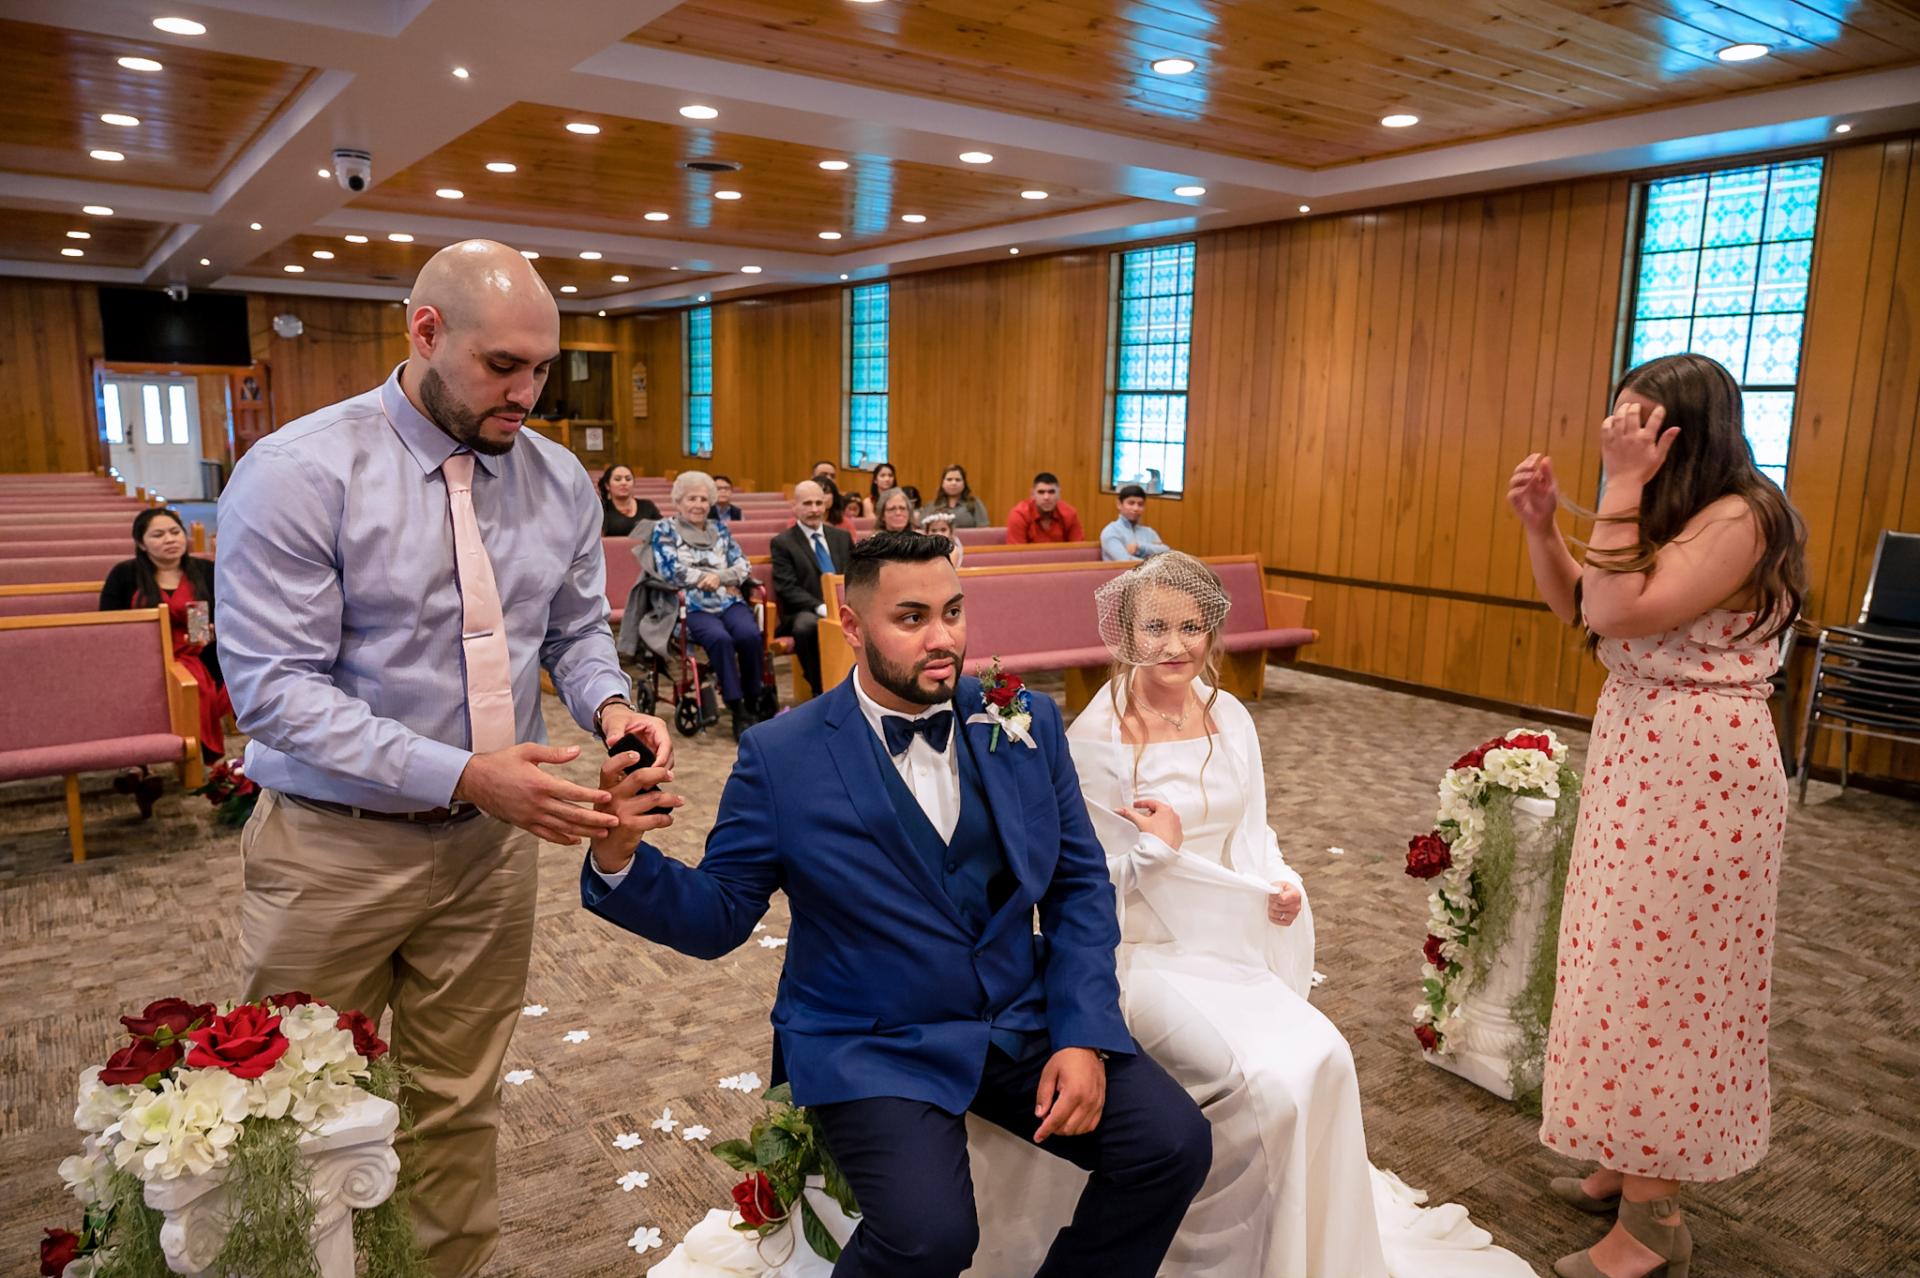 Photographie de mariage et de fuite de Smoky Mountain | Le marié tend la main à son témoin pour attraper les anneaux